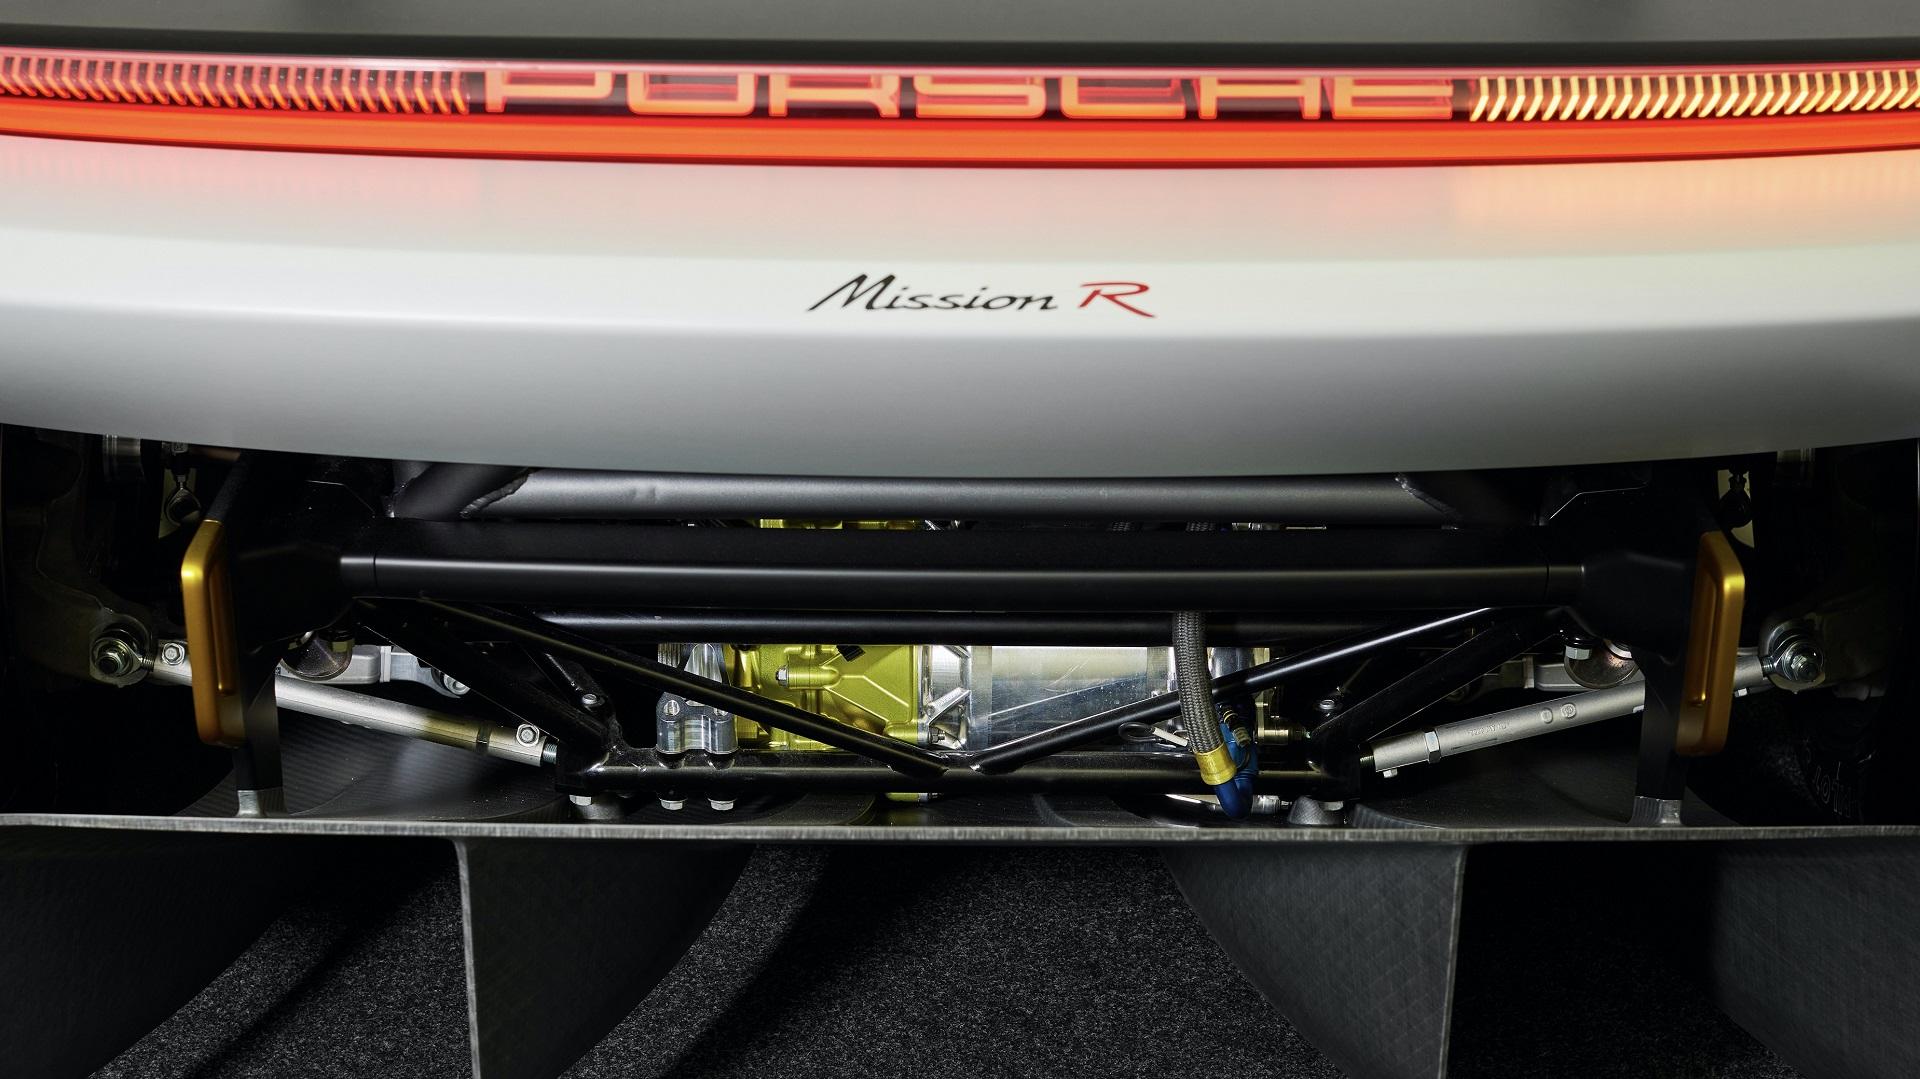 Conjunto de tração e transmissão de traseira e dianteira são idênticos, facilitando produção, estocagem e manutenção